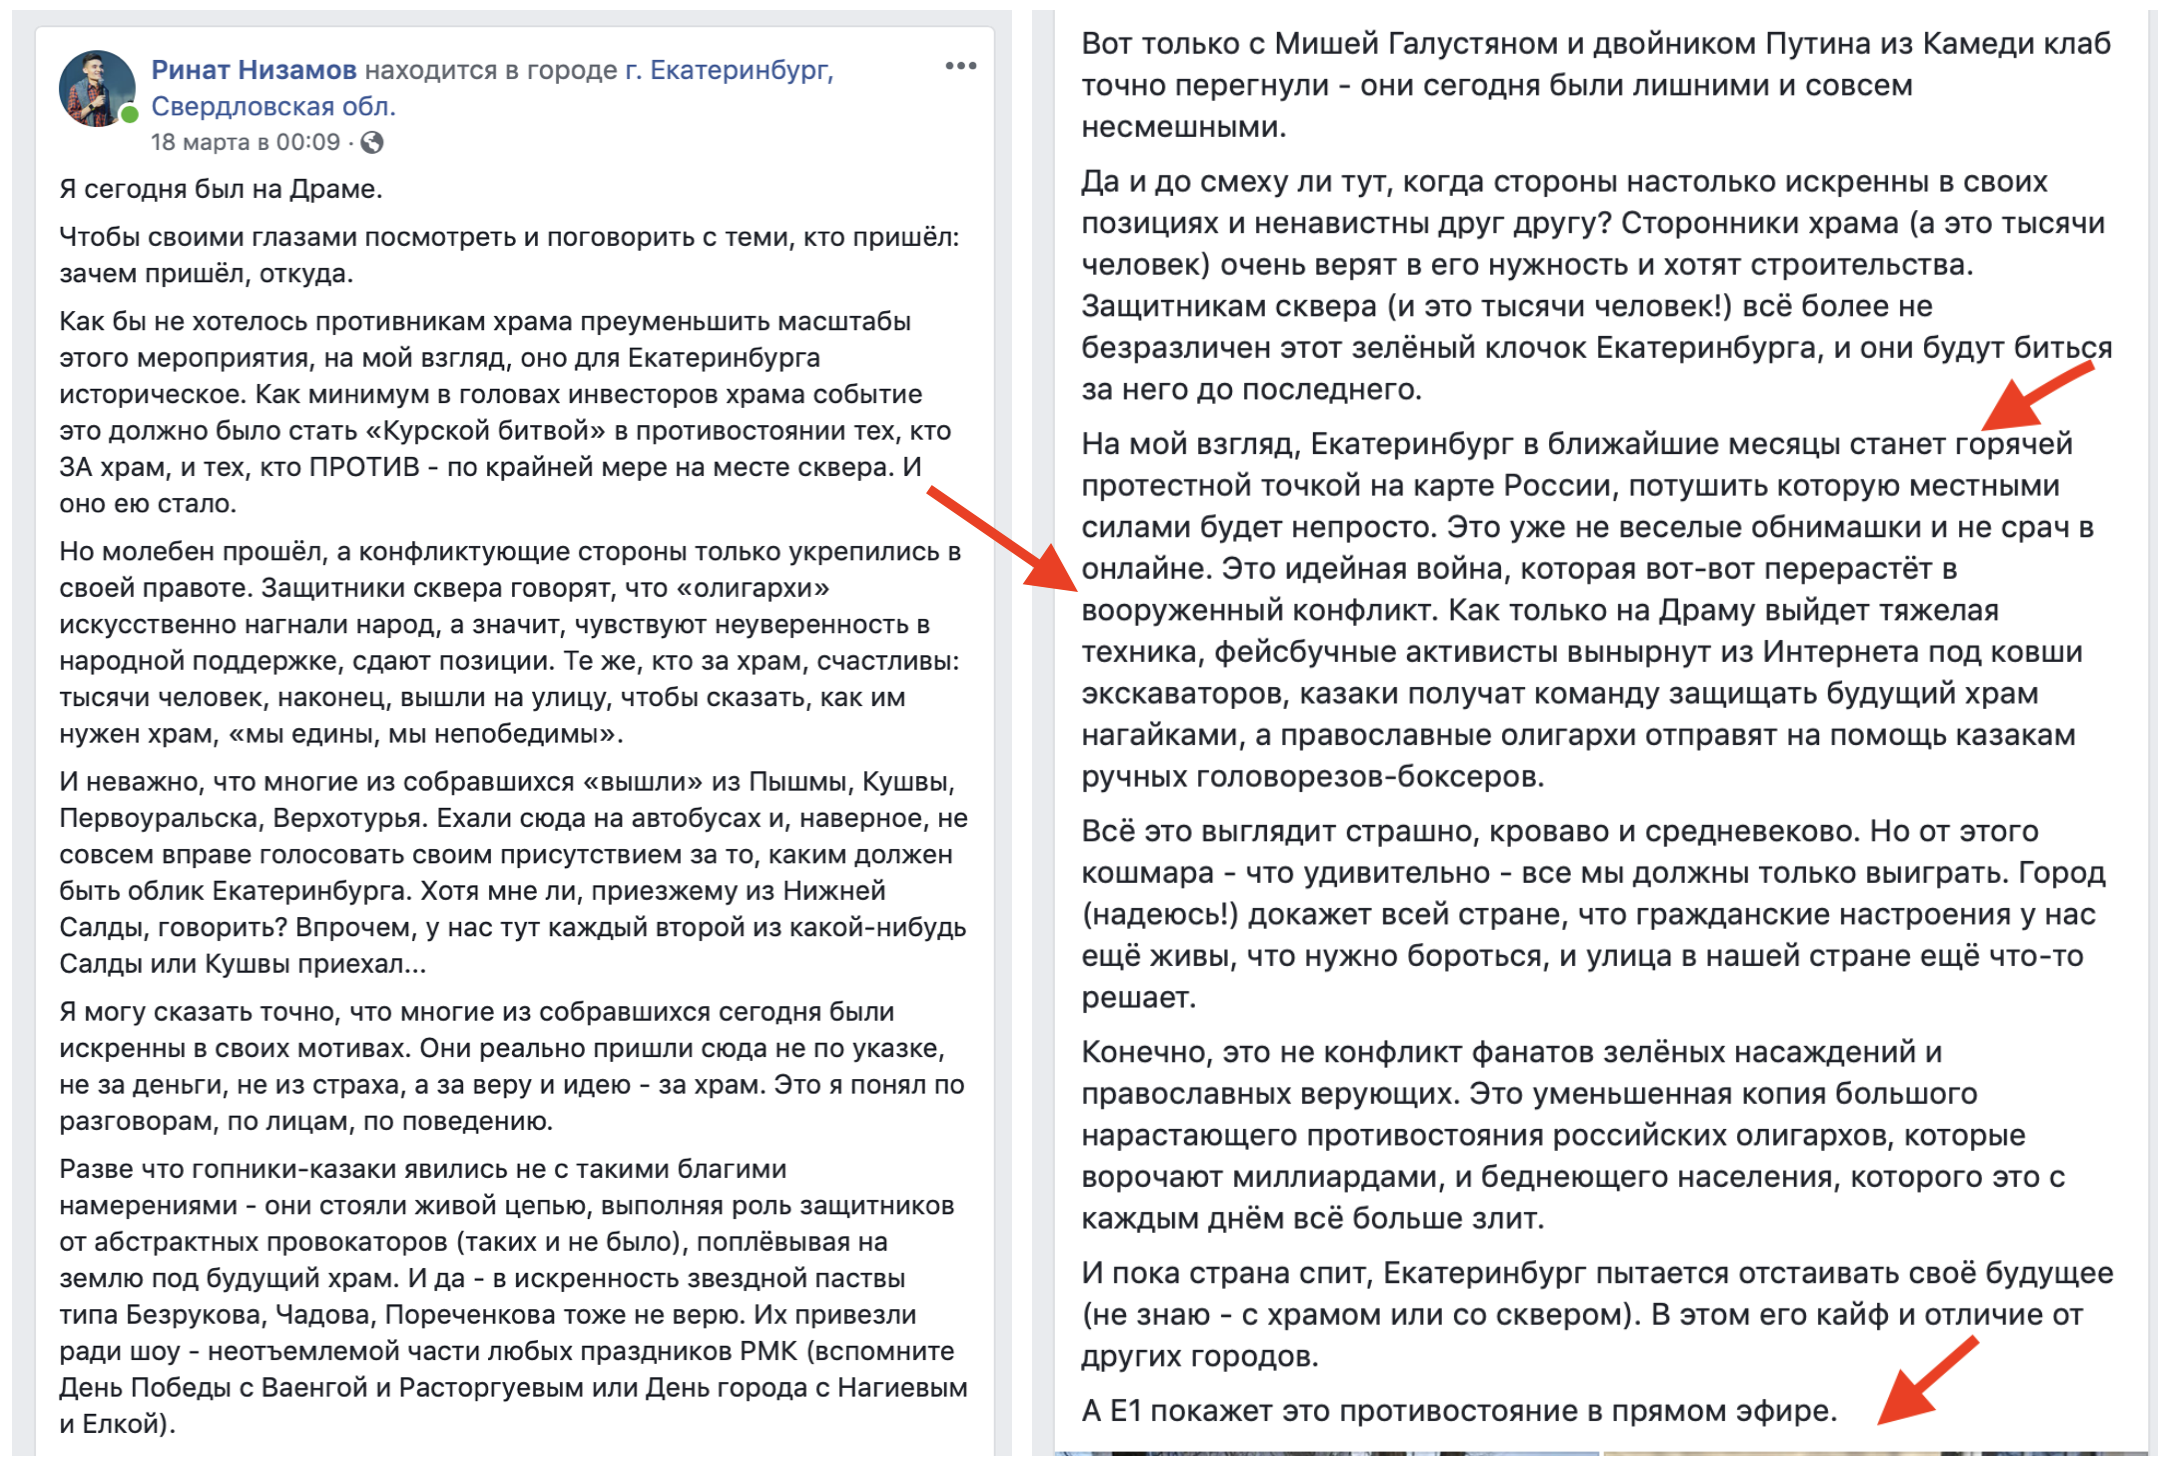 !!! Как в Екатеринбурге активисты Навального, США и оппозиция пытаются